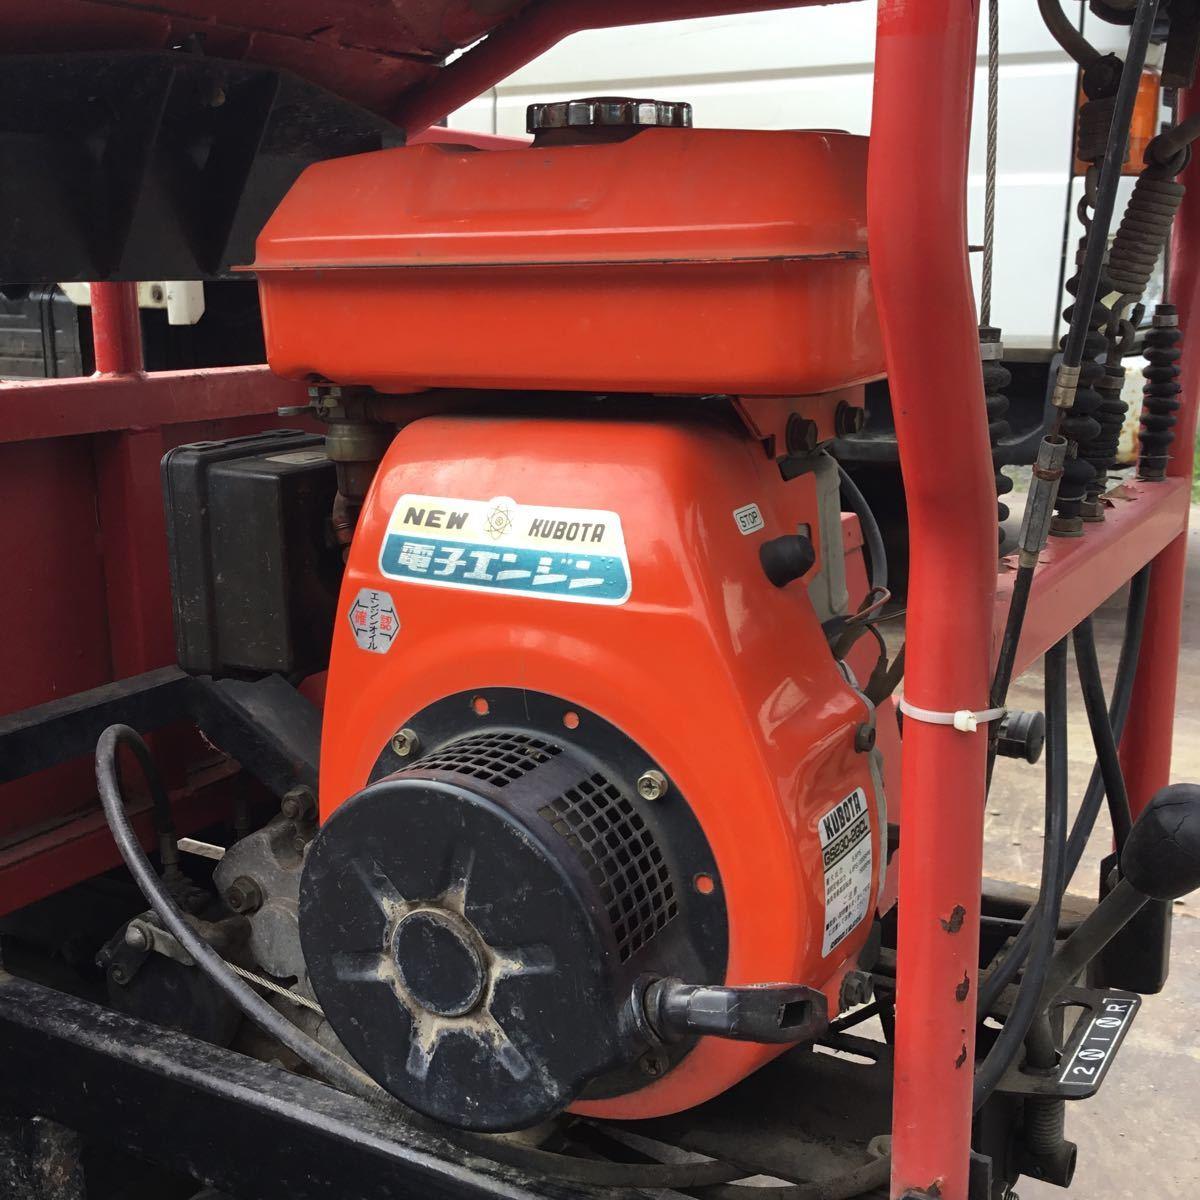 サンワ車輌 ミニクロ M1000 運搬車 最大積載量400キロ クボタガソリンエンジン 動作確認済み クローラ難有り 格安_画像5